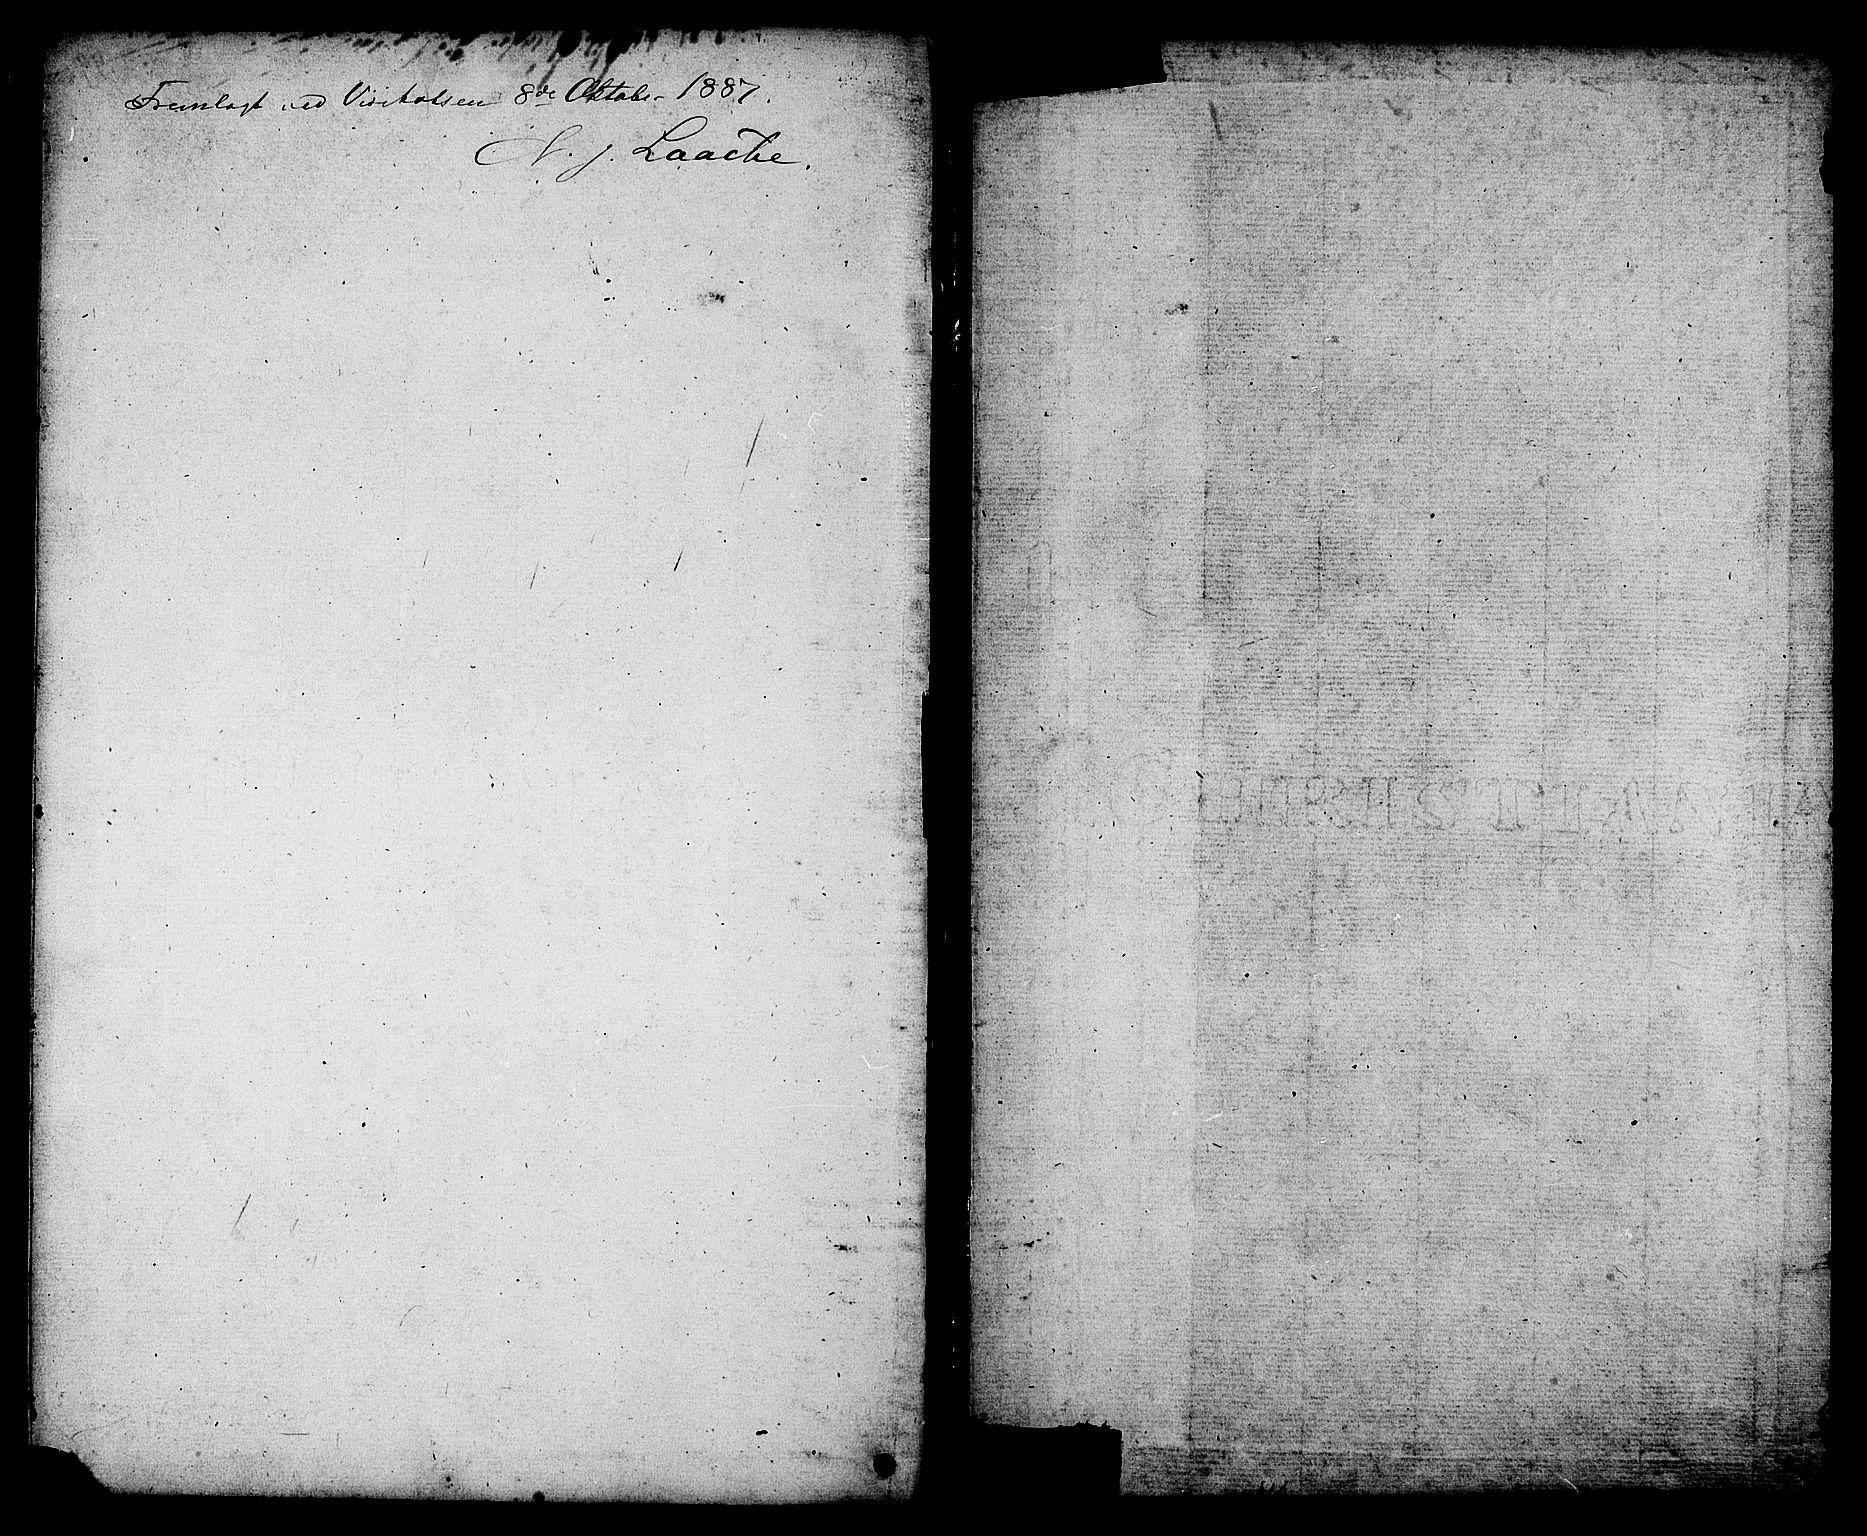 SAT, Ministerialprotokoller, klokkerbøker og fødselsregistre - Sør-Trøndelag, 608/L0334: Ministerialbok nr. 608A03, 1877-1886